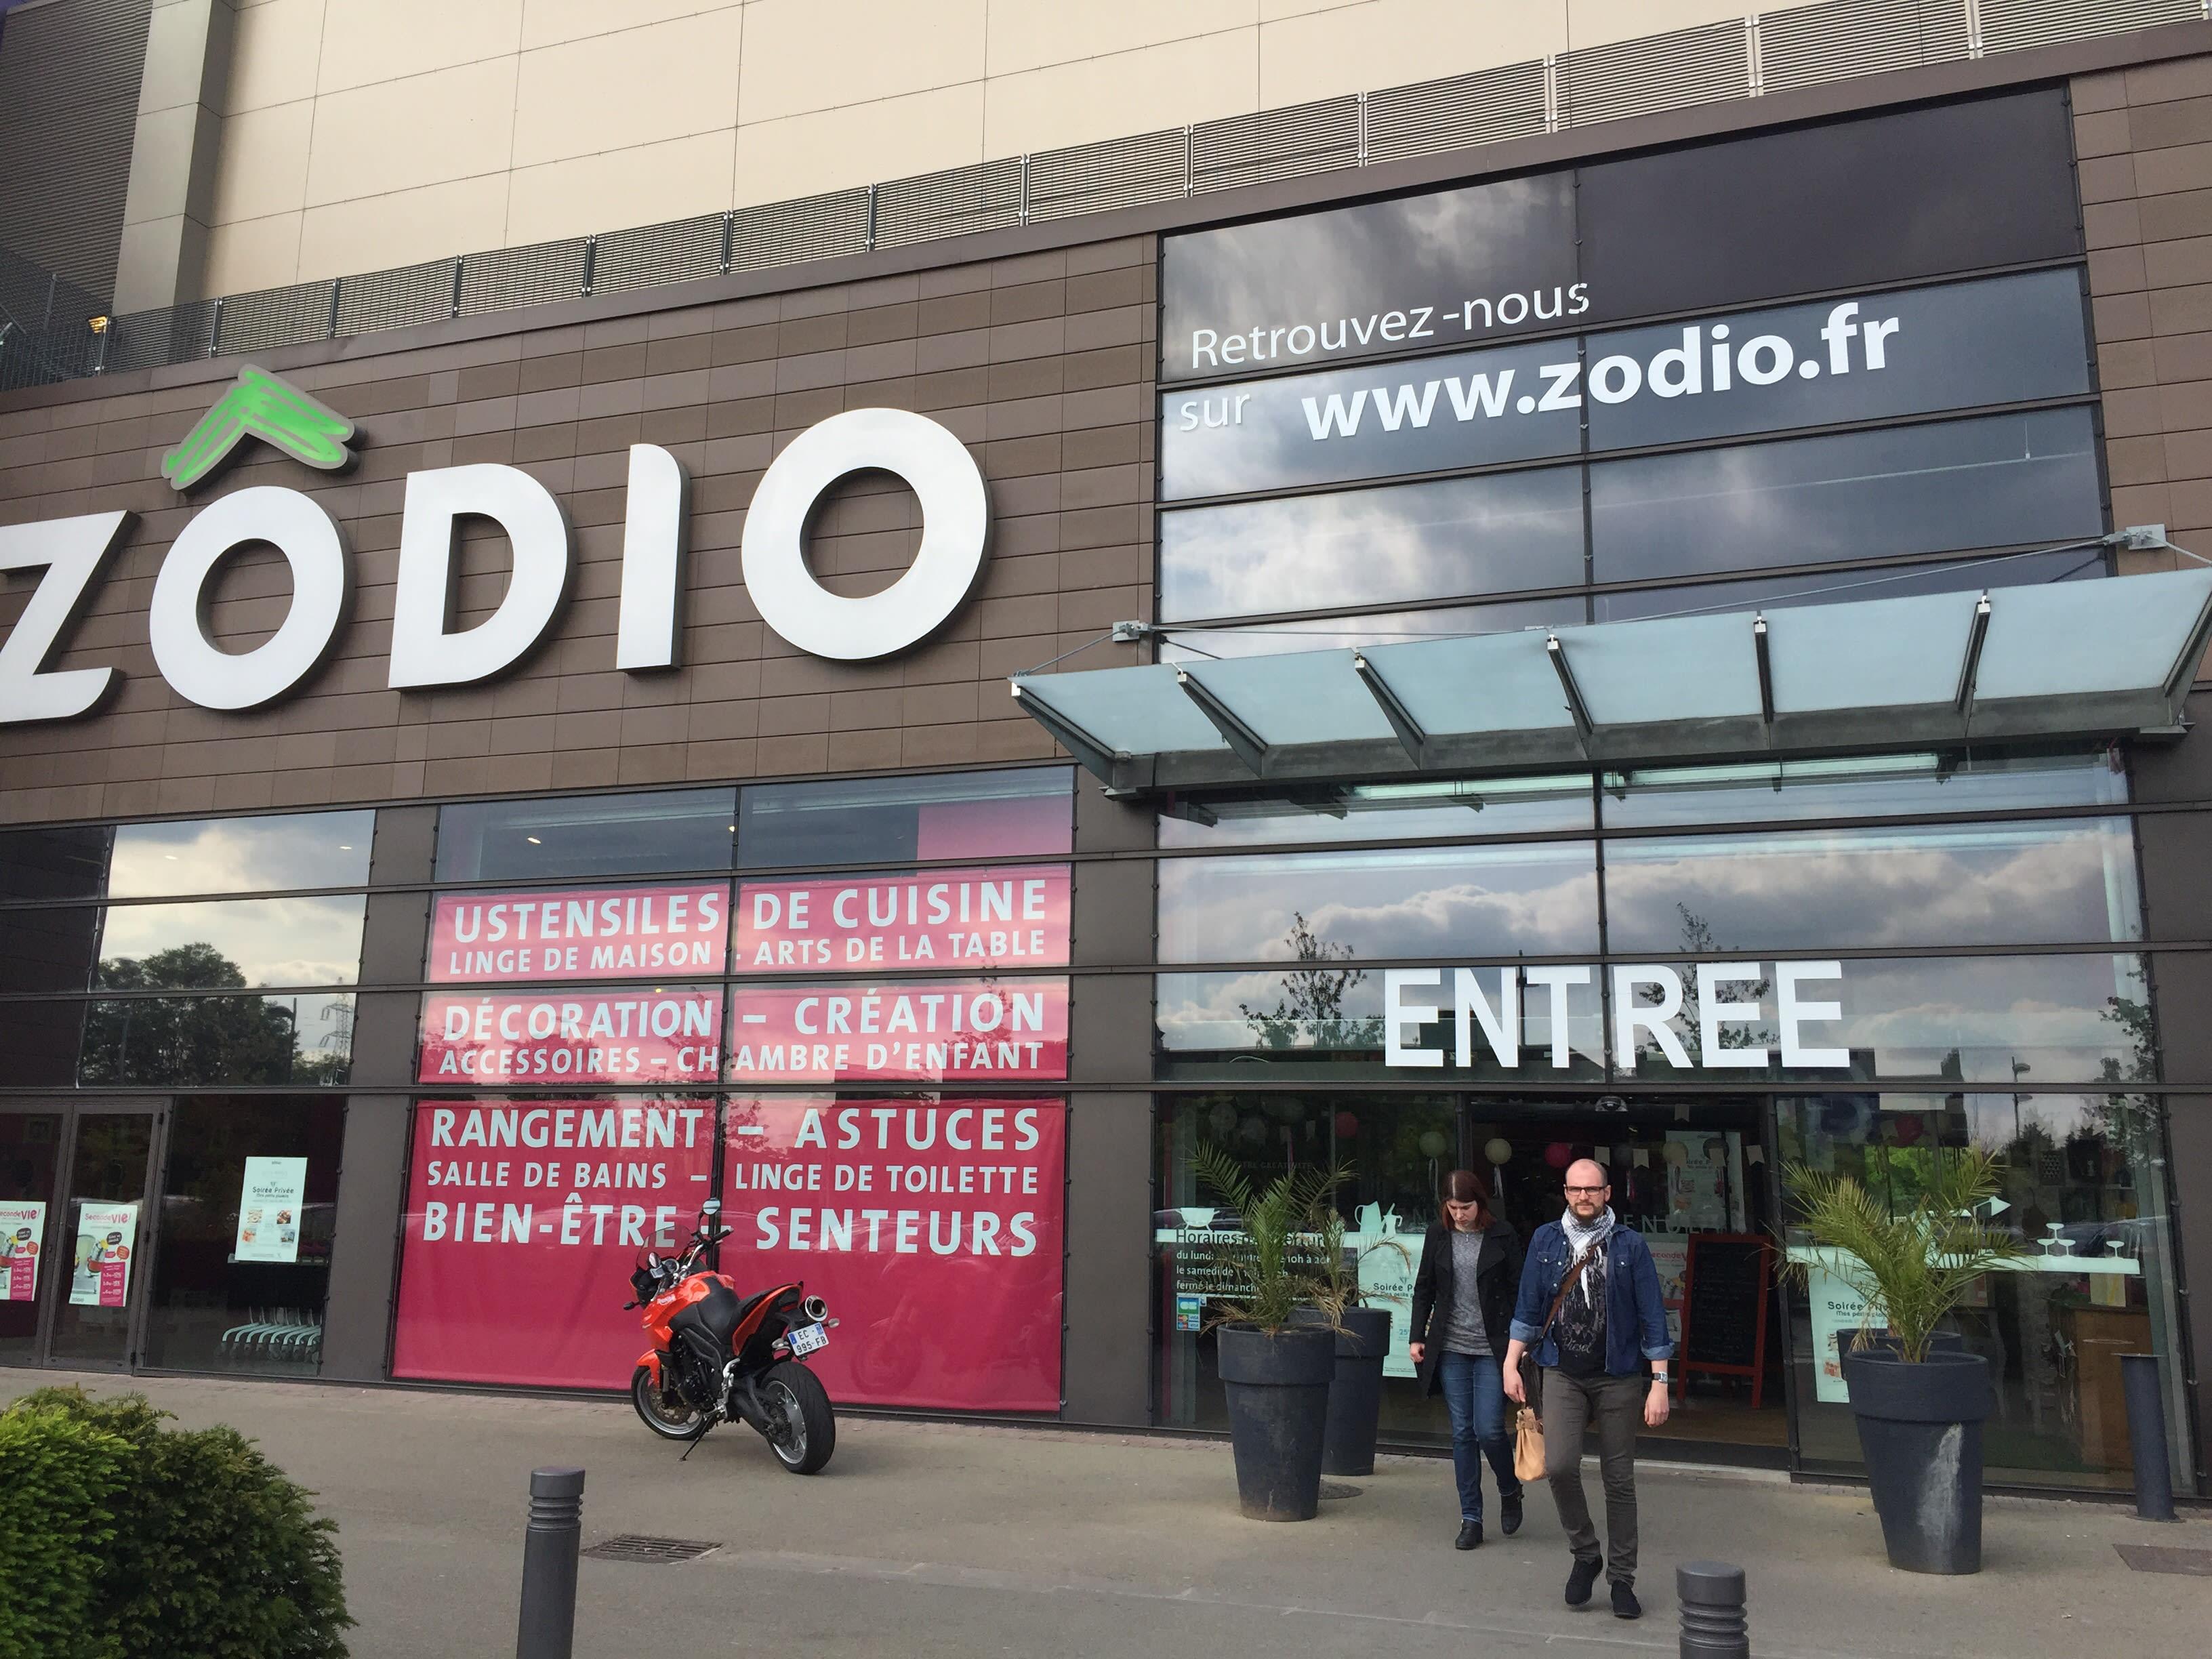 Zodio Villeneuve D Ascq Contactez Le Directeur